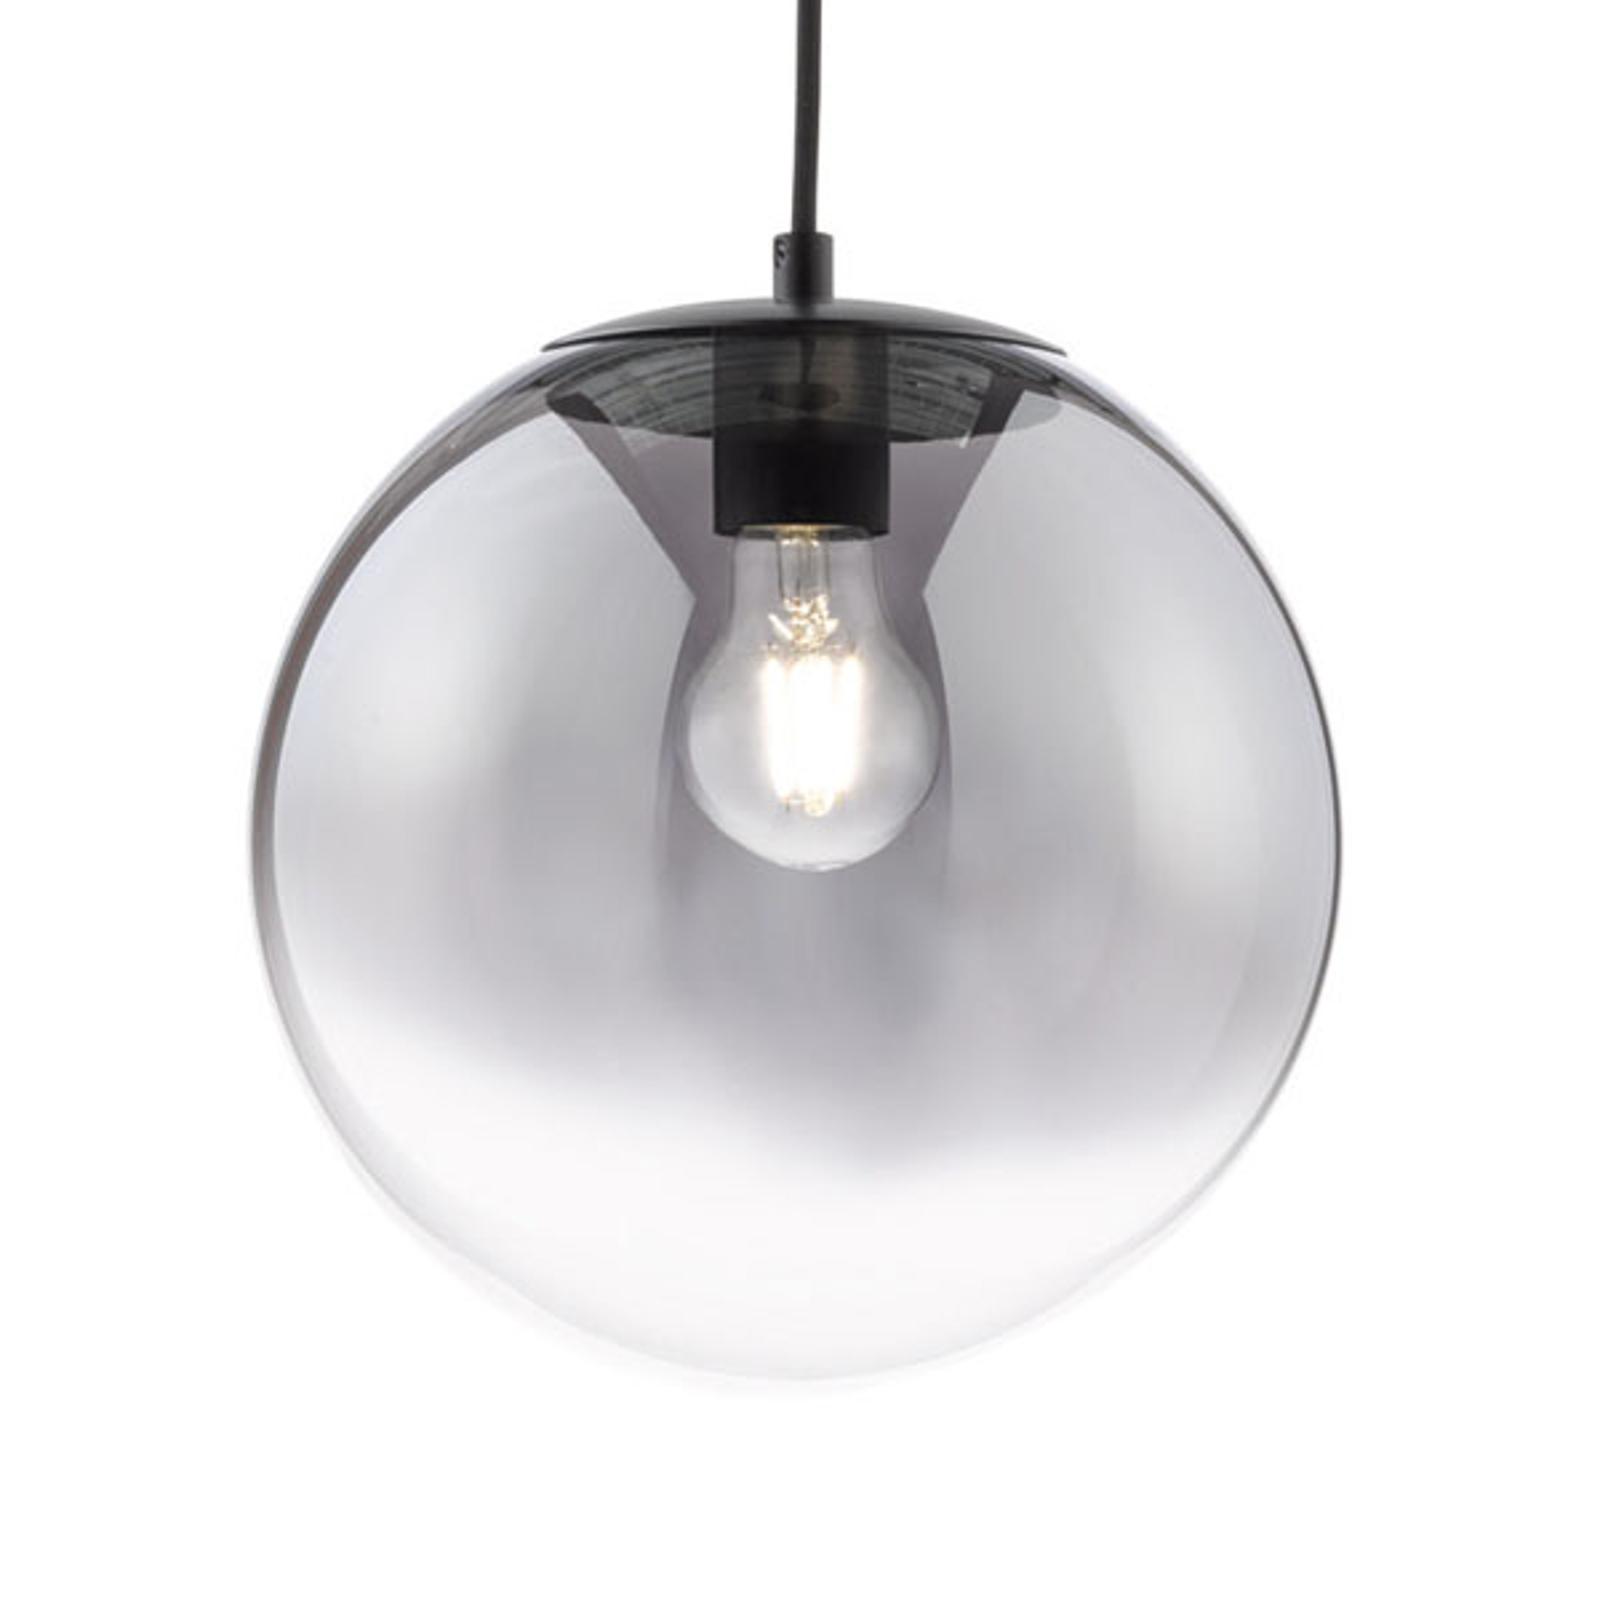 Schöner Wohnen Mirror lampa wisząca Ø 25 cm